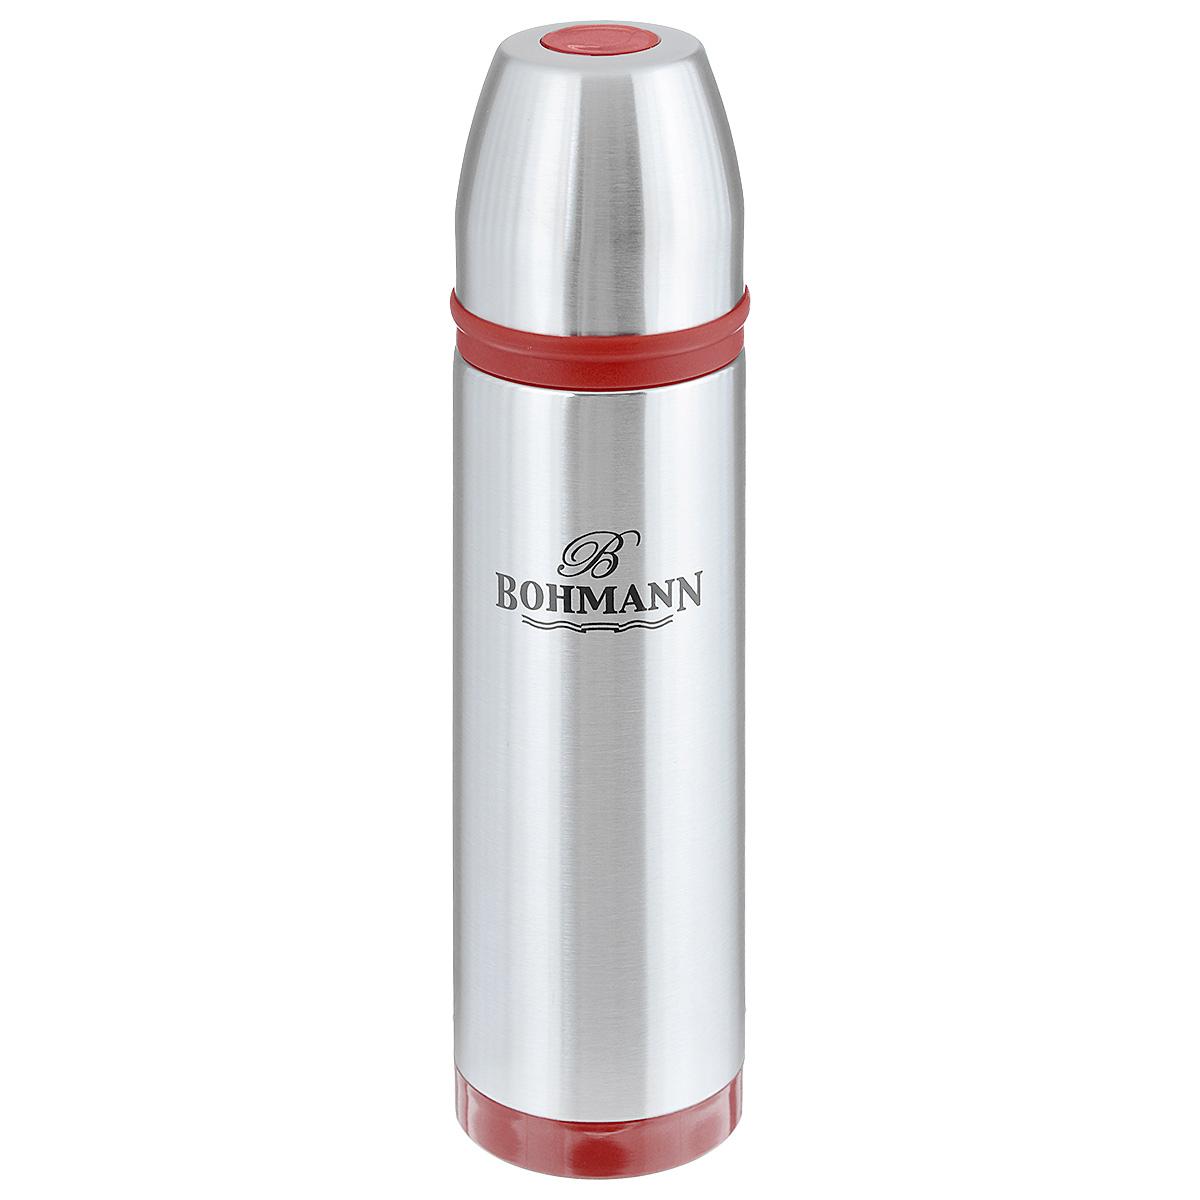 Термос Bohmann с узким горлом, цвет: металлик, красный, 800 мл. 4491BHNEW